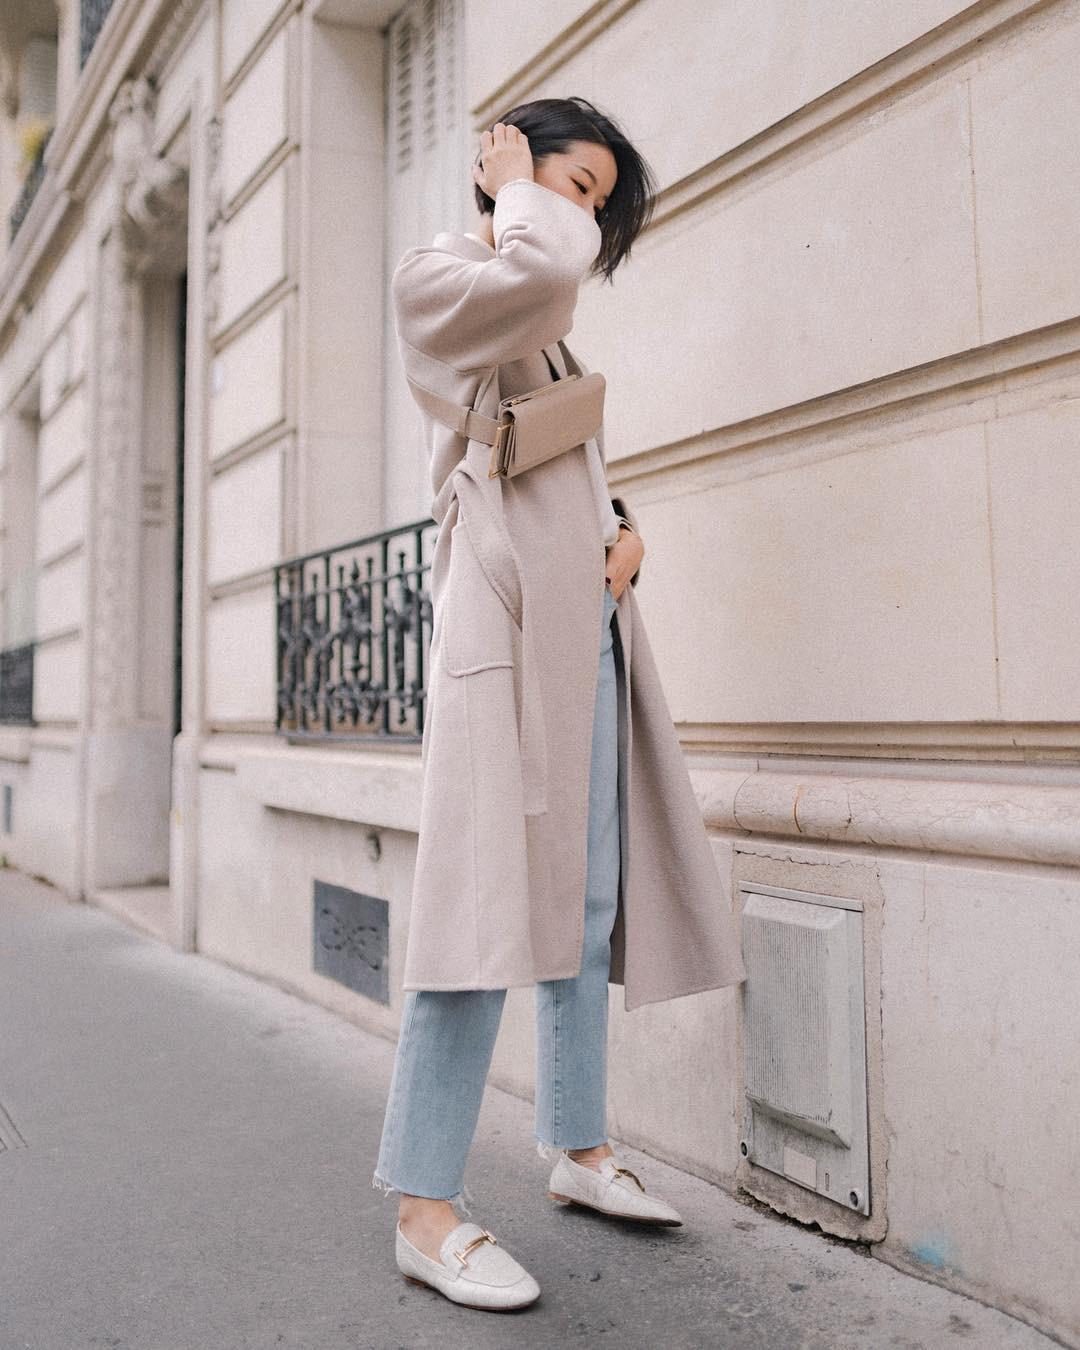 Không cần nghĩ nhiều khi diện quần jeans, các nàng cứ mix cùng 3 mẫu giày này là sành điệu tuyệt đối - Ảnh 4